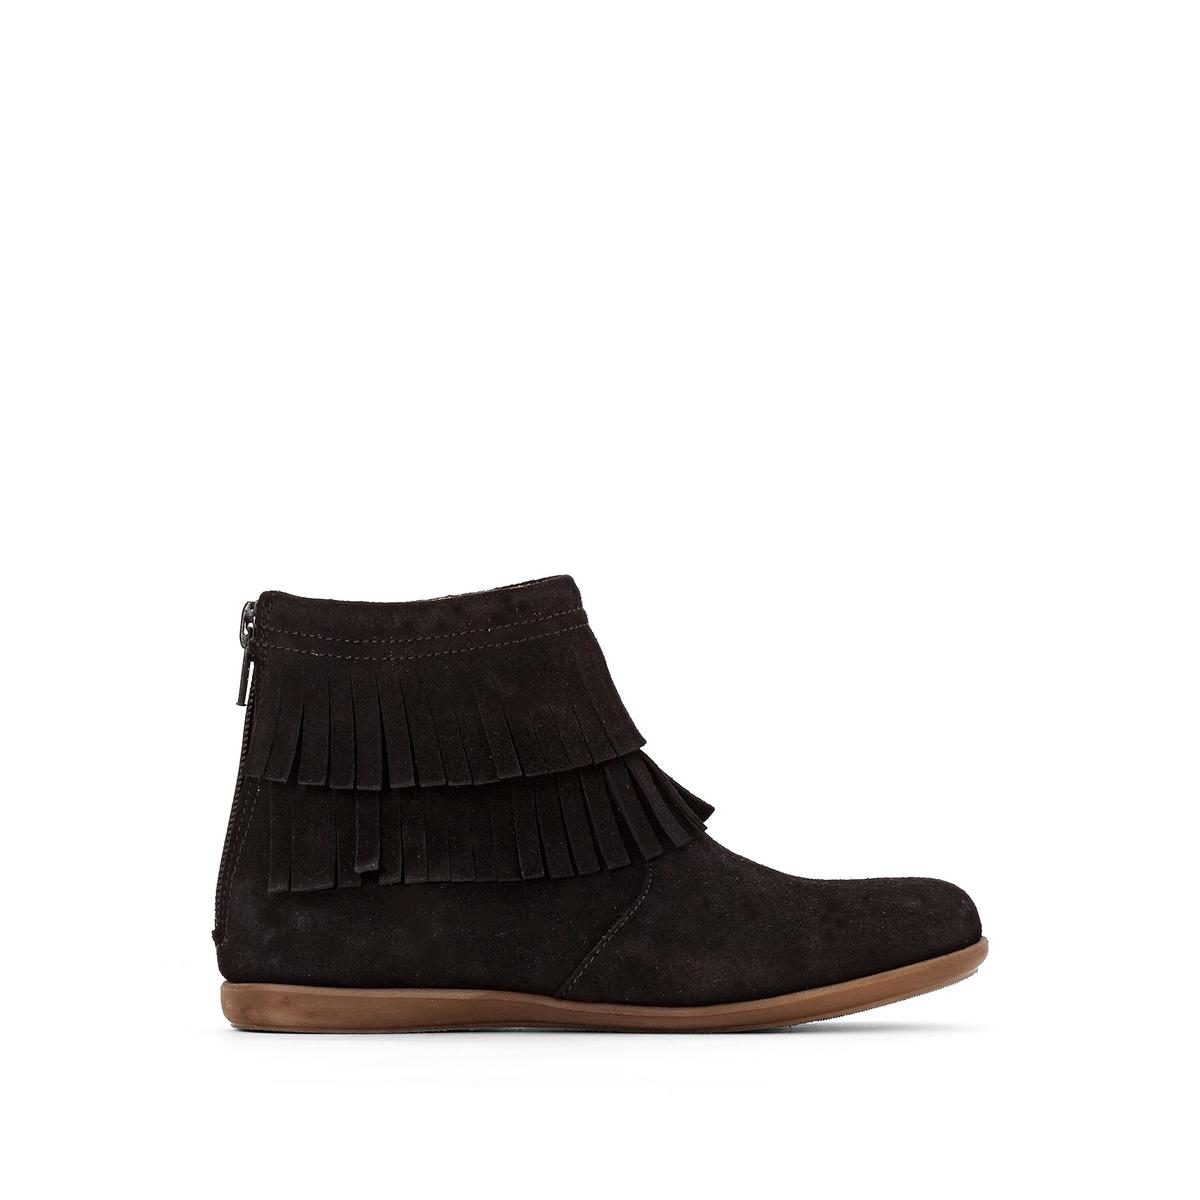 Ботинки La Redoute На молнии из невыделанной яловичной кожи размеры - 38 черный цена